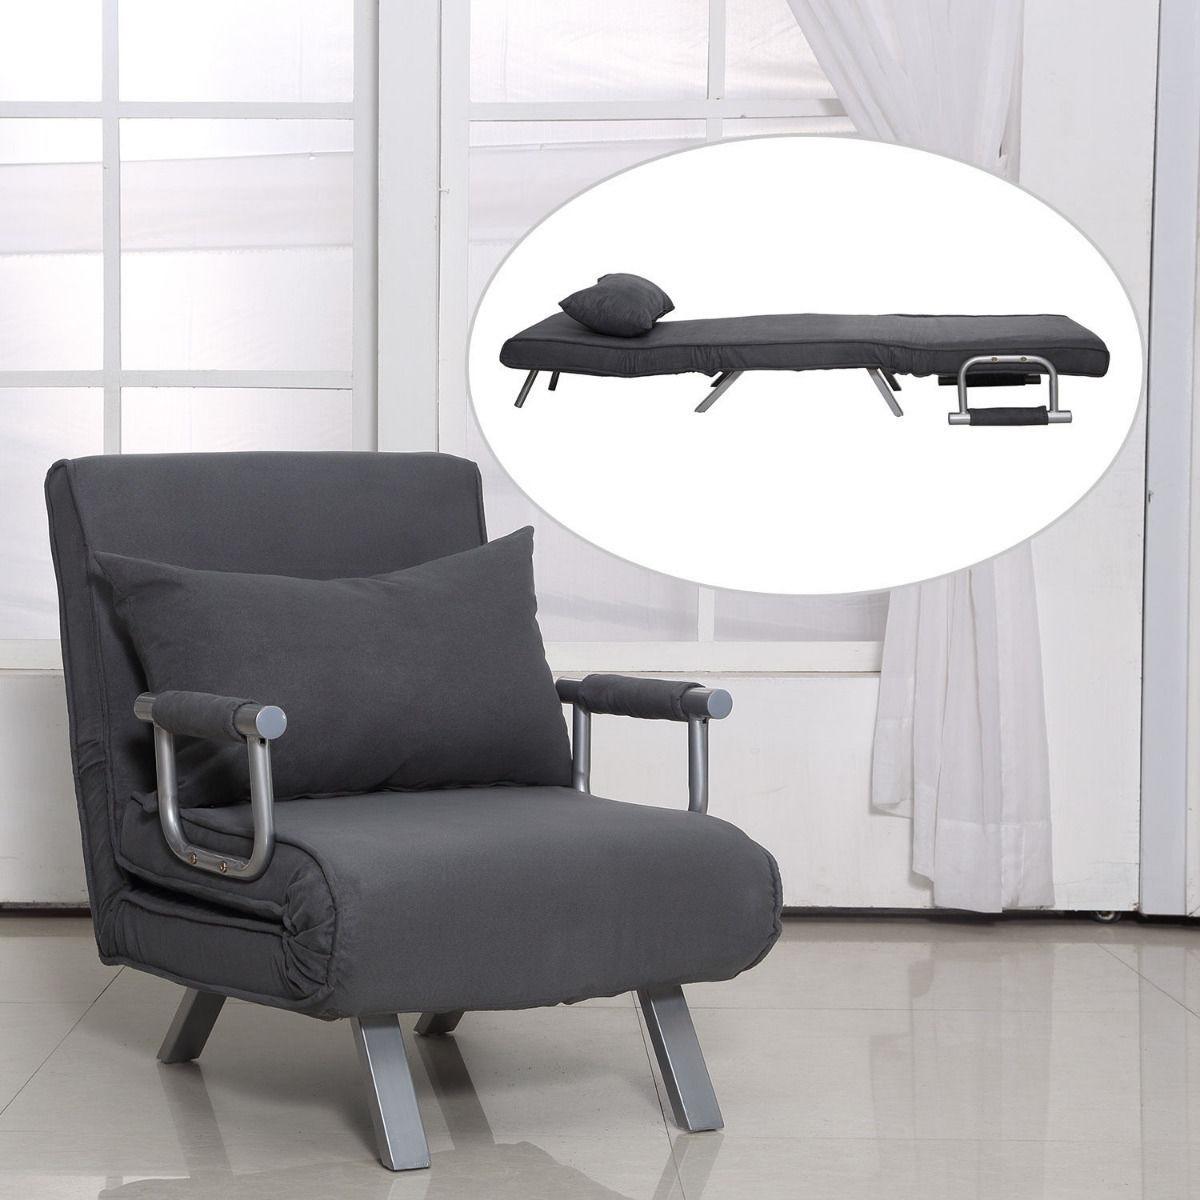 Sillon sofa cama individual lounge 3 posiciones a meses si for Sofa cama individual plegable mexico